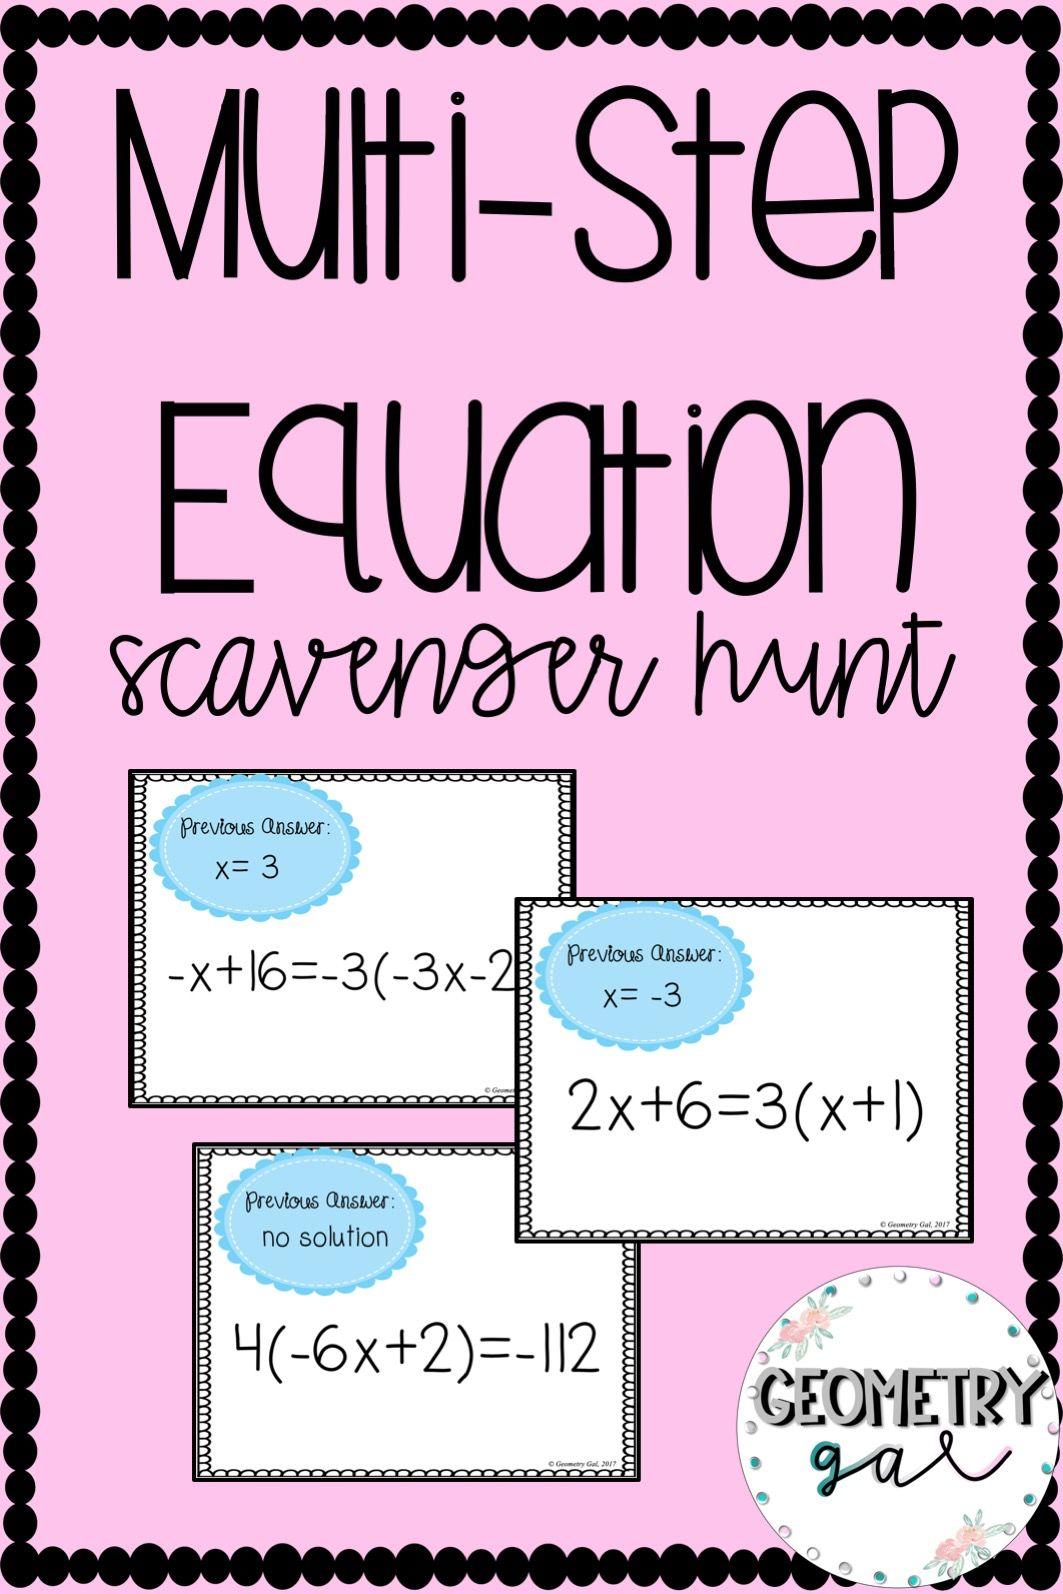 Multi Step Equation Scavenger Hunt